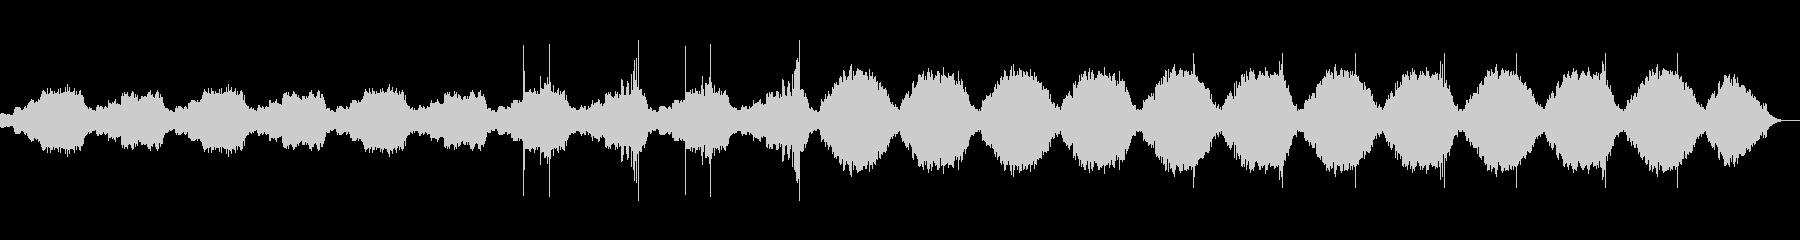 赤ちゃんの不安感を解消するヒーリング音楽の未再生の波形